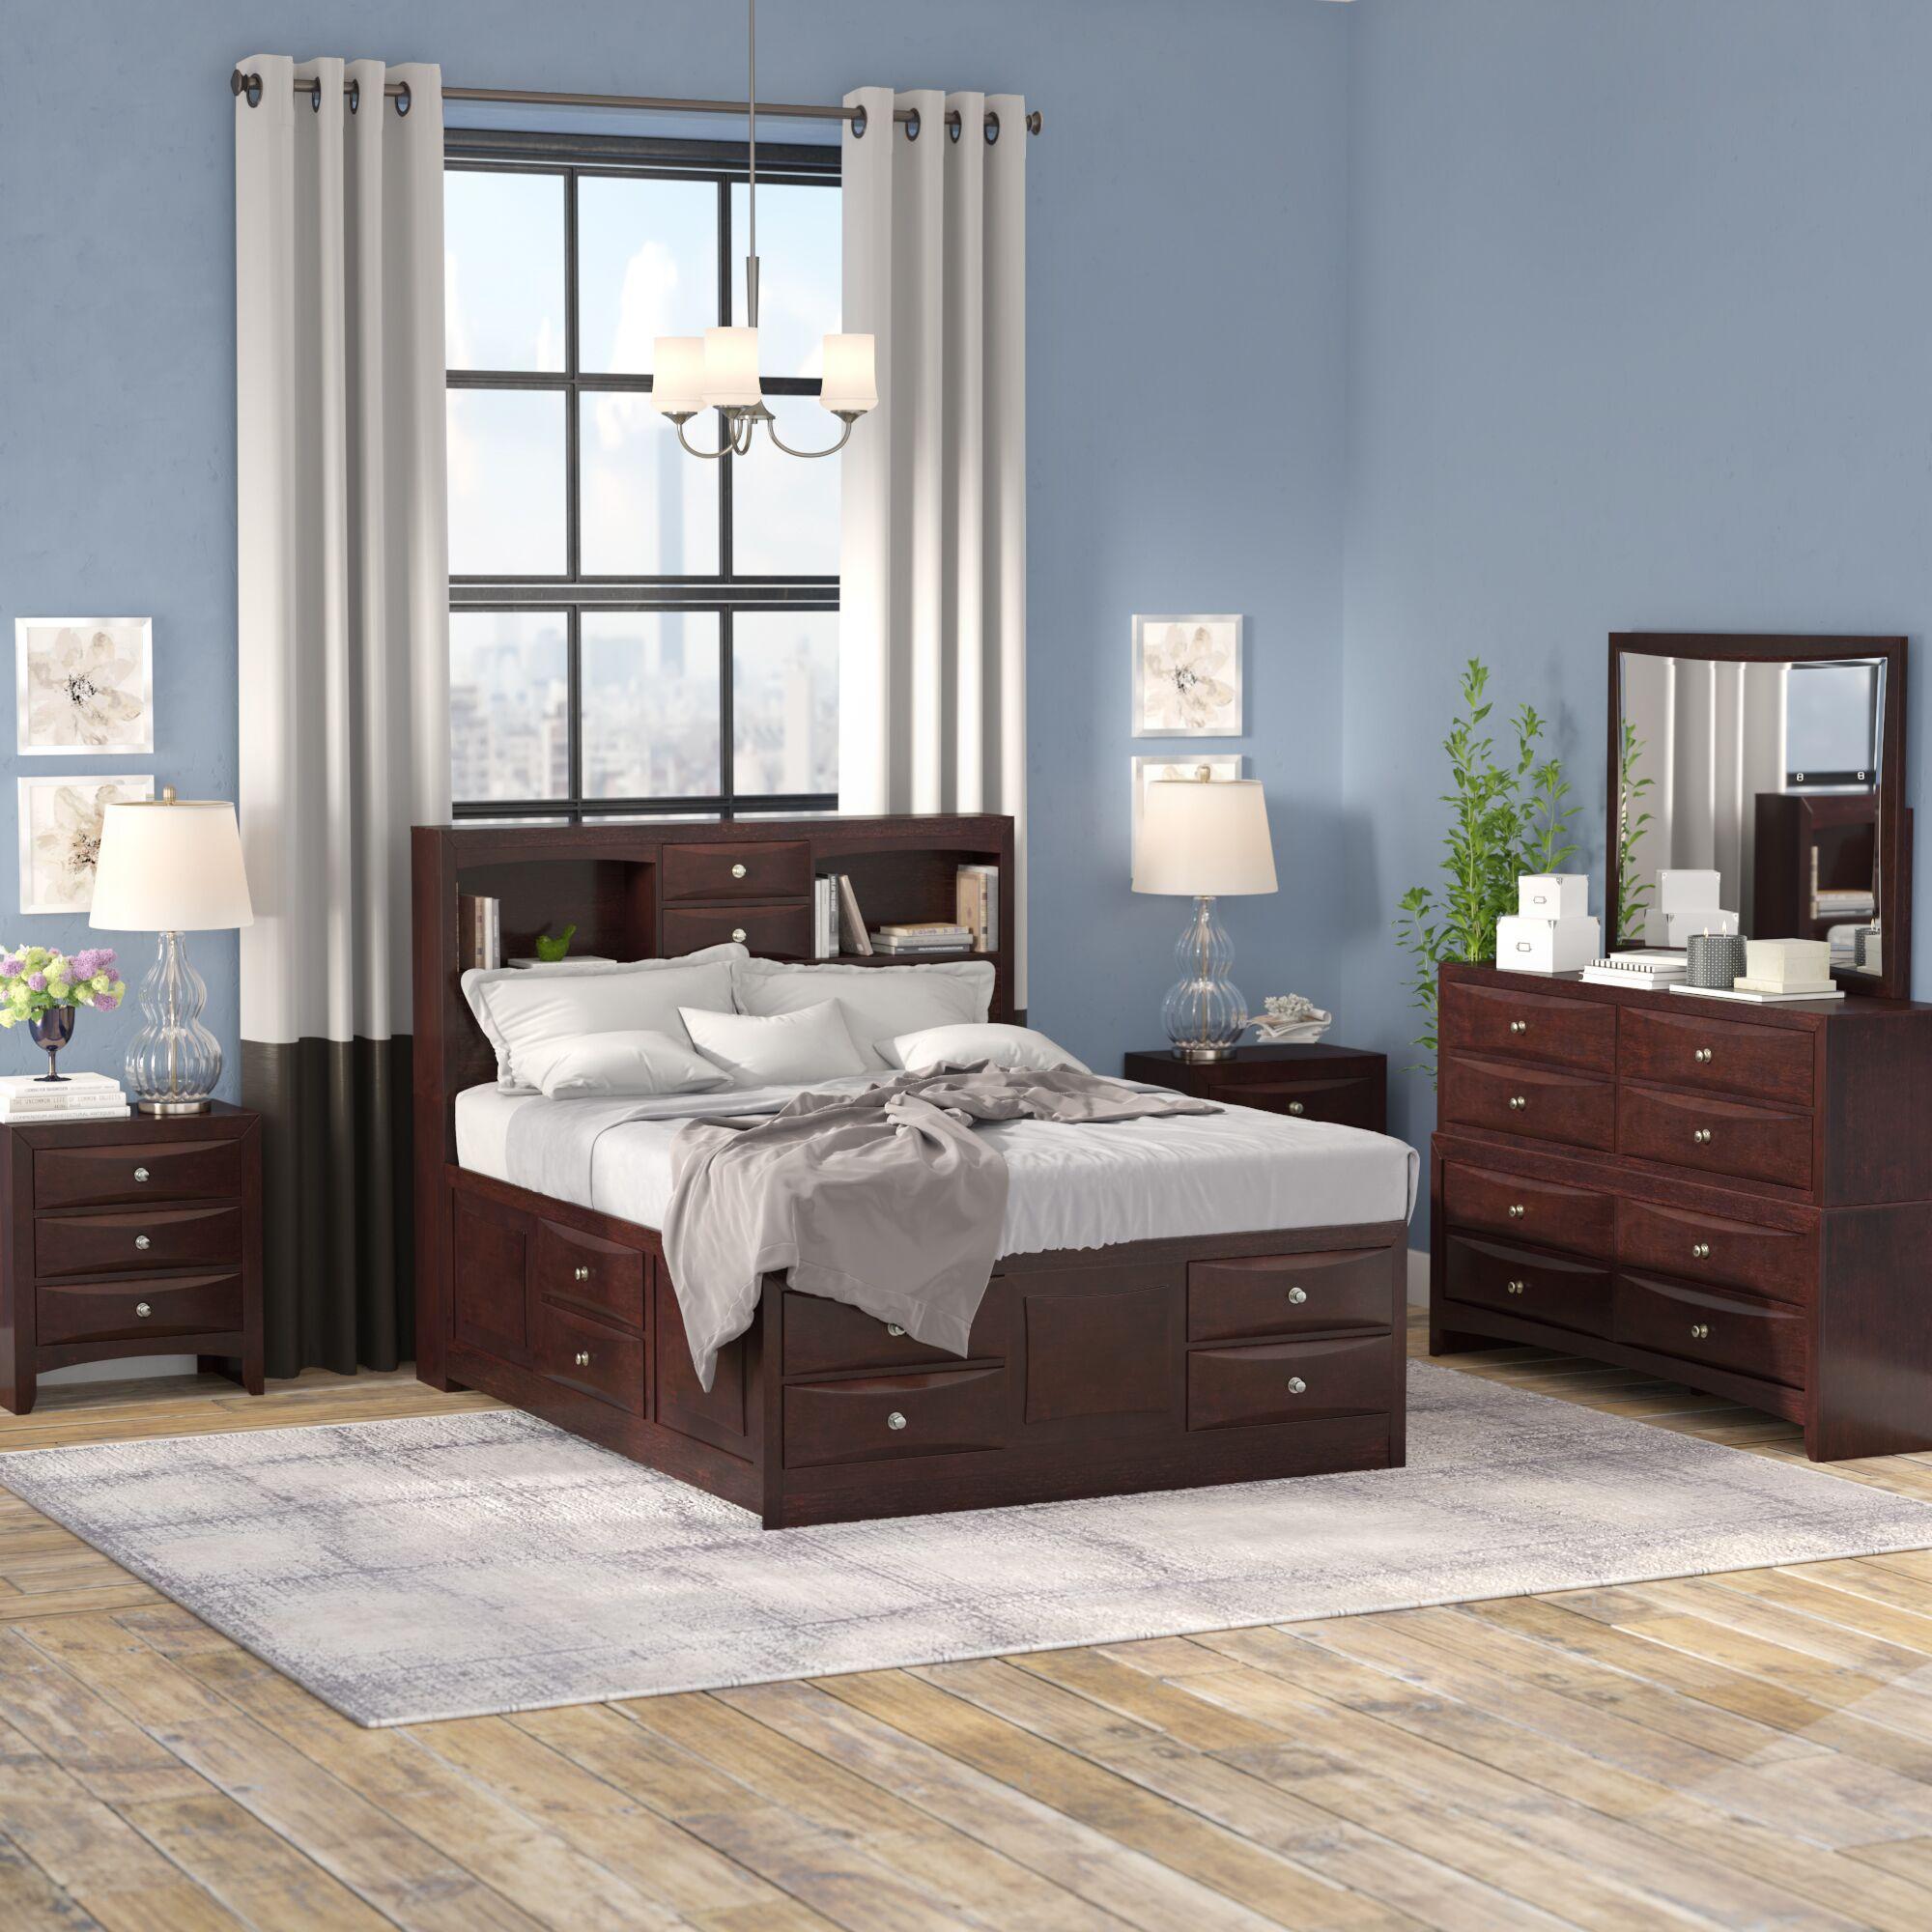 Oreland Platform 5 Piece Espresso Bedroom Set Size: Queen